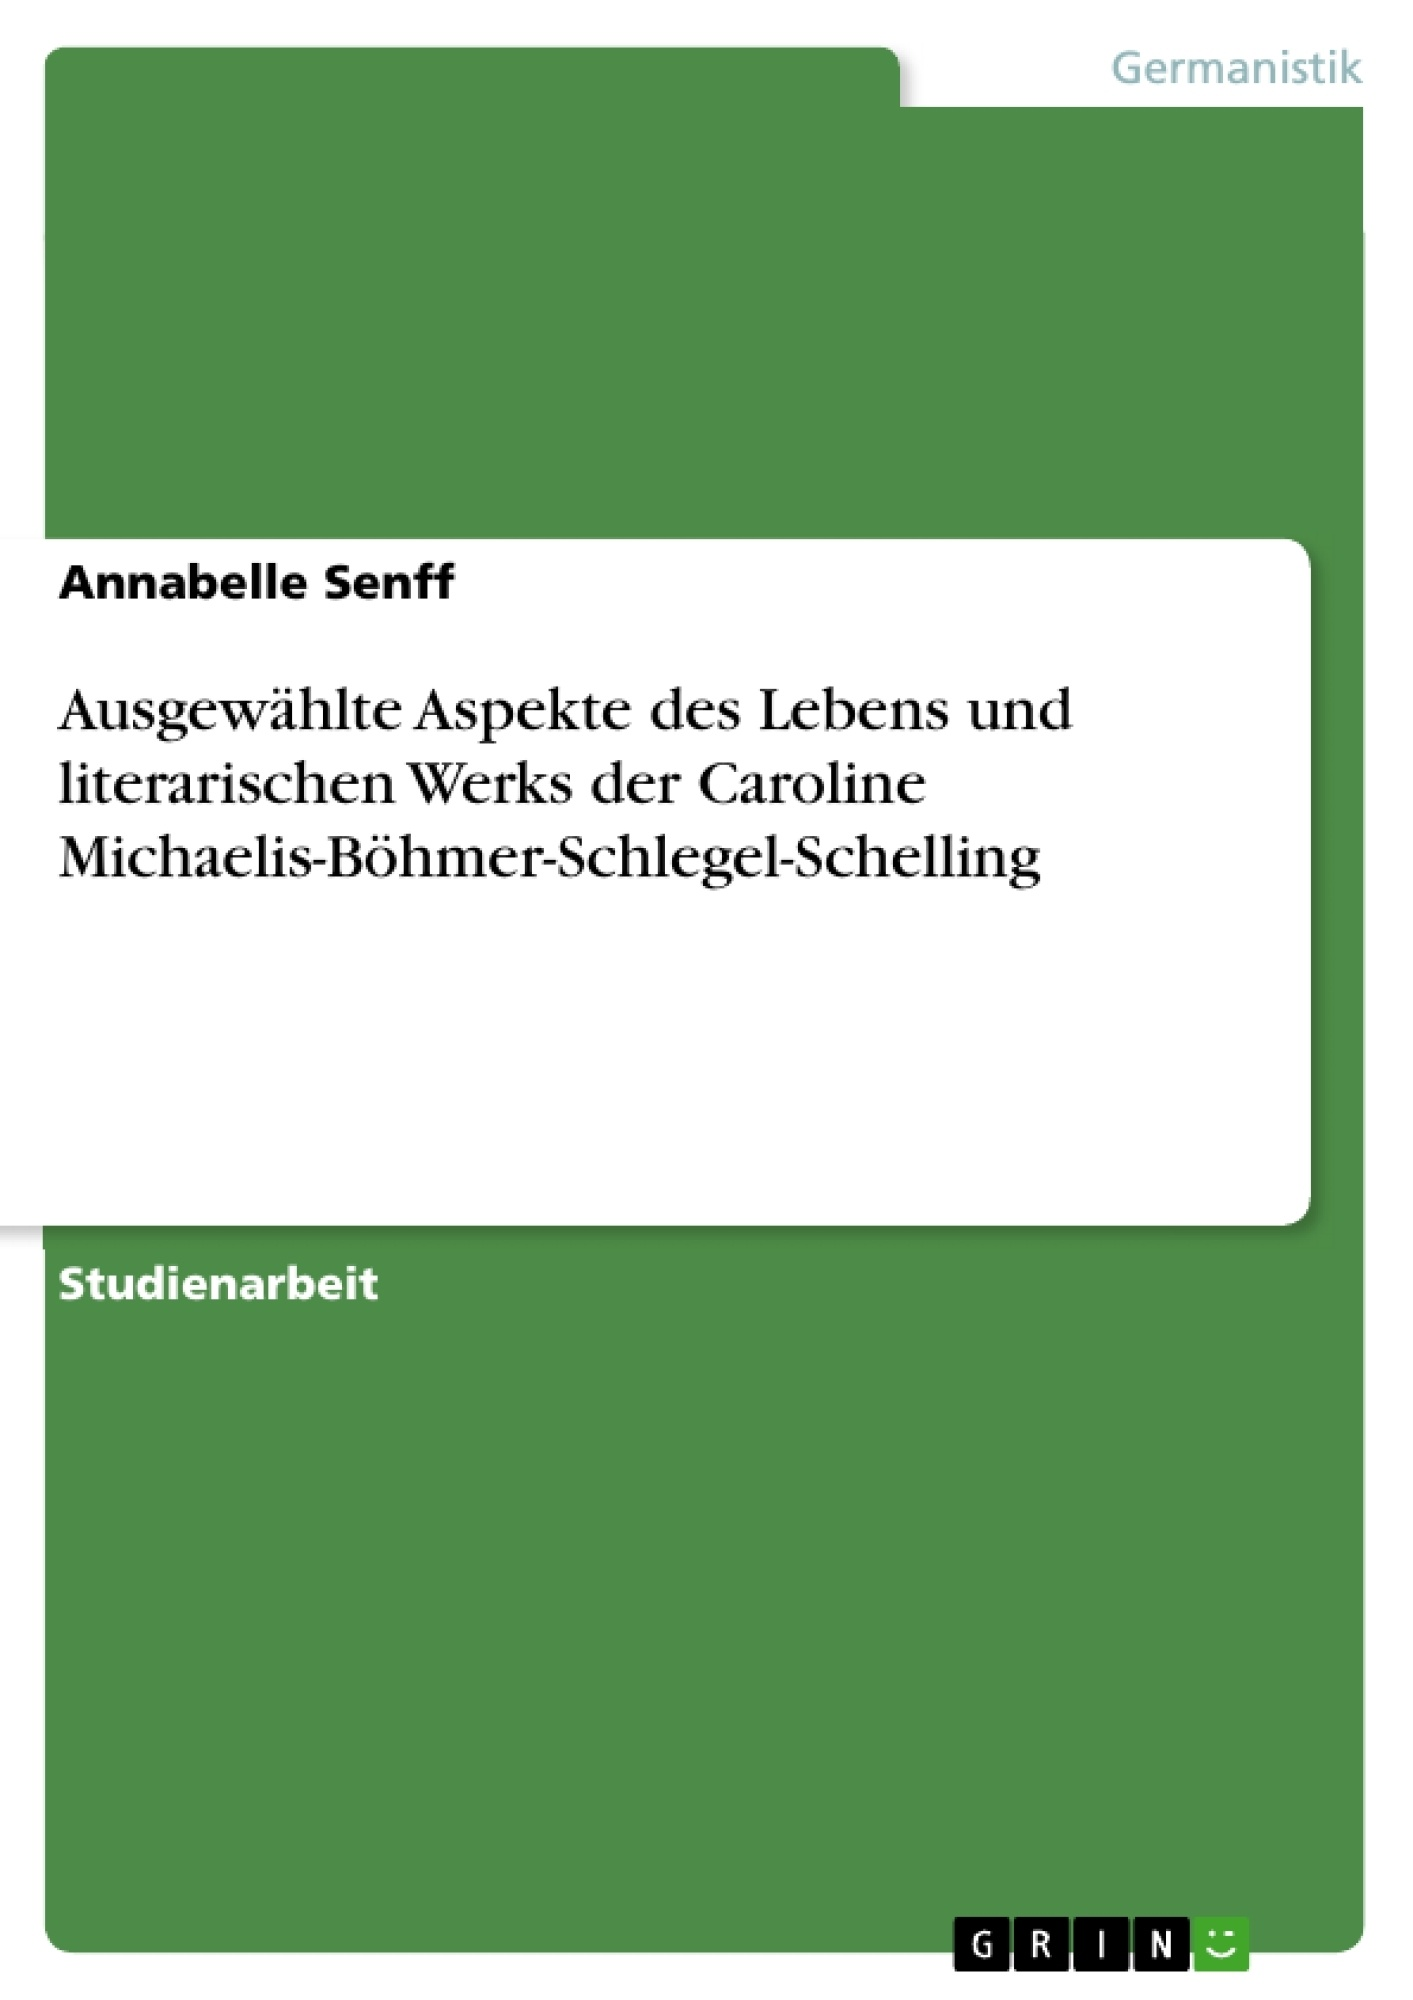 Titel: Ausgewählte Aspekte des Lebens und literarischen Werks der Caroline Michaelis-Böhmer-Schlegel-Schelling